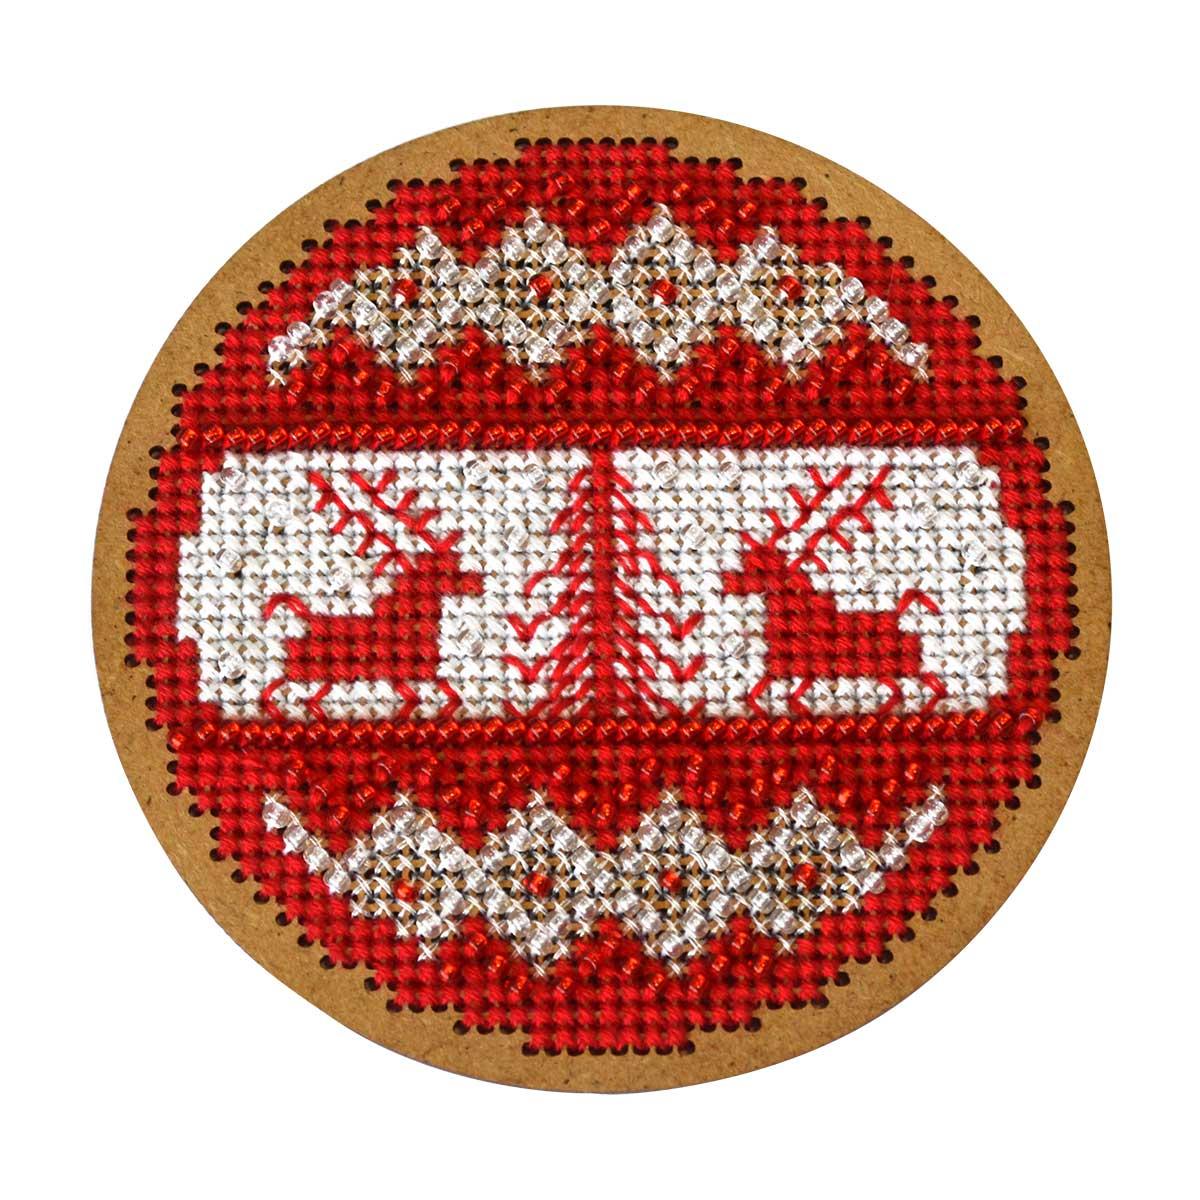 ИК-011 Набор для вышивания крестом на основе Созвездие 'Новогодняя игрушка 'Скандинавский узор'8,5*8,5см